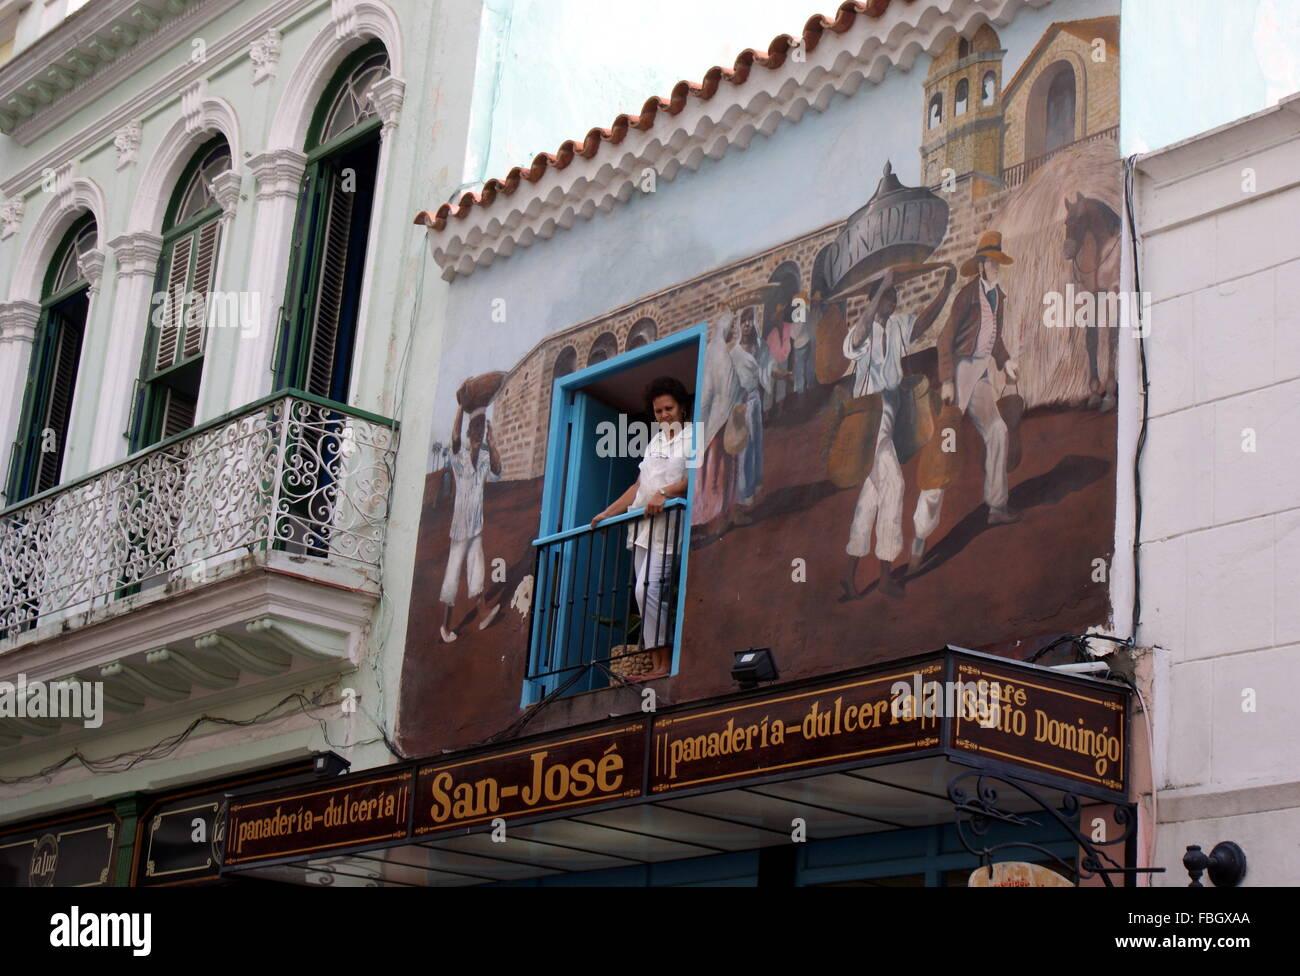 Mujer Mirando Hacia Abajo Desde El Balcon Del San Jose De Pasteleria